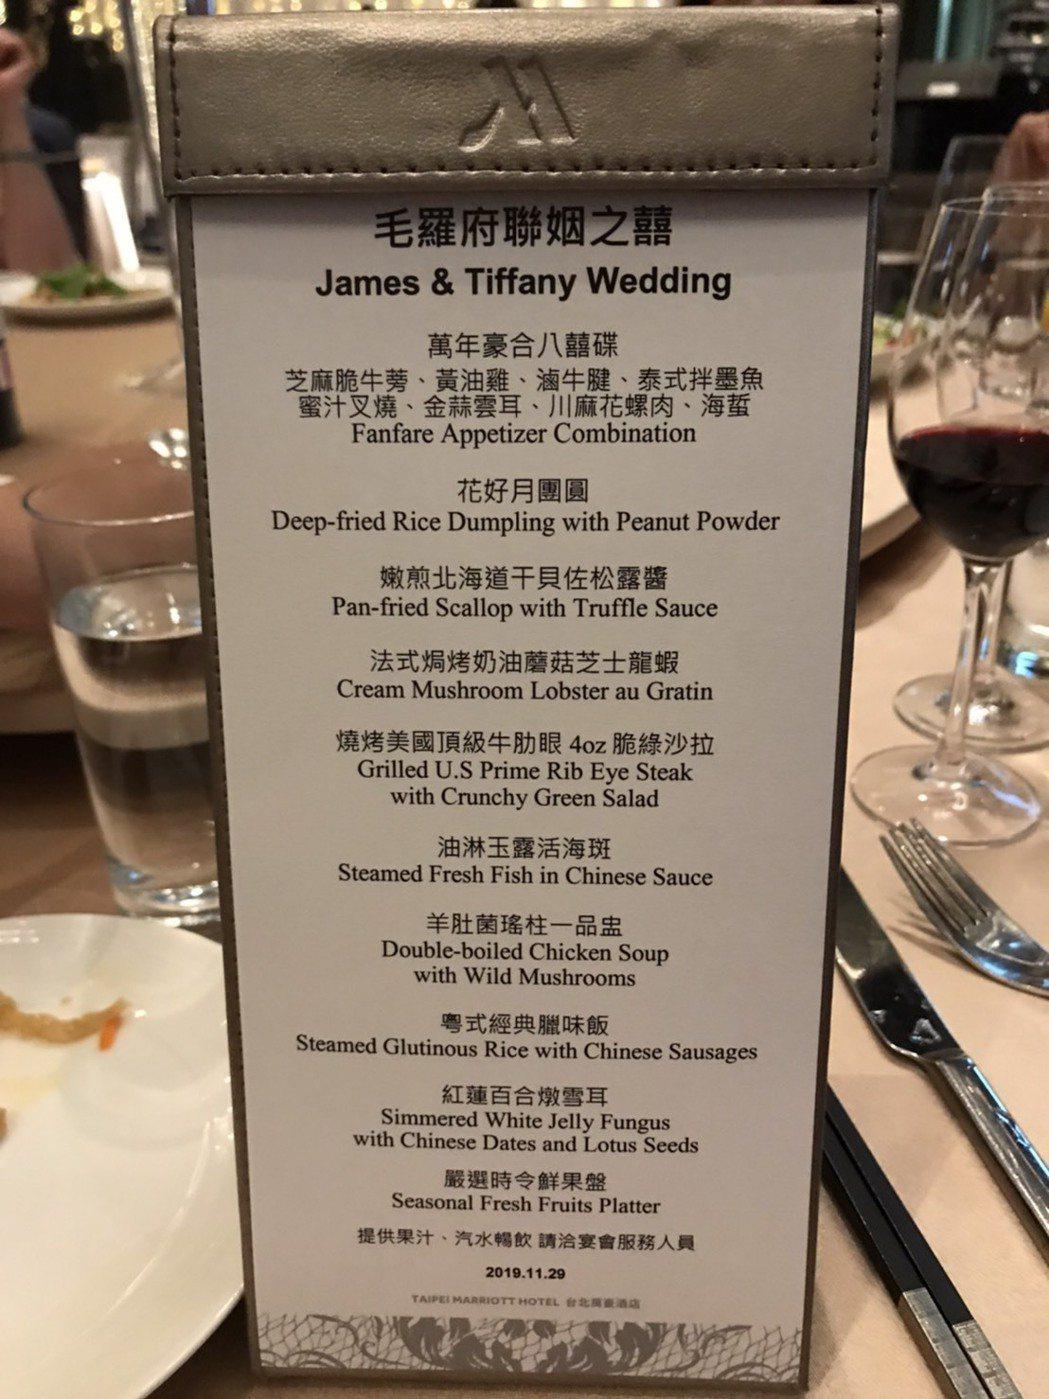 毛加恩婚禮菜單。圖/讀者提供